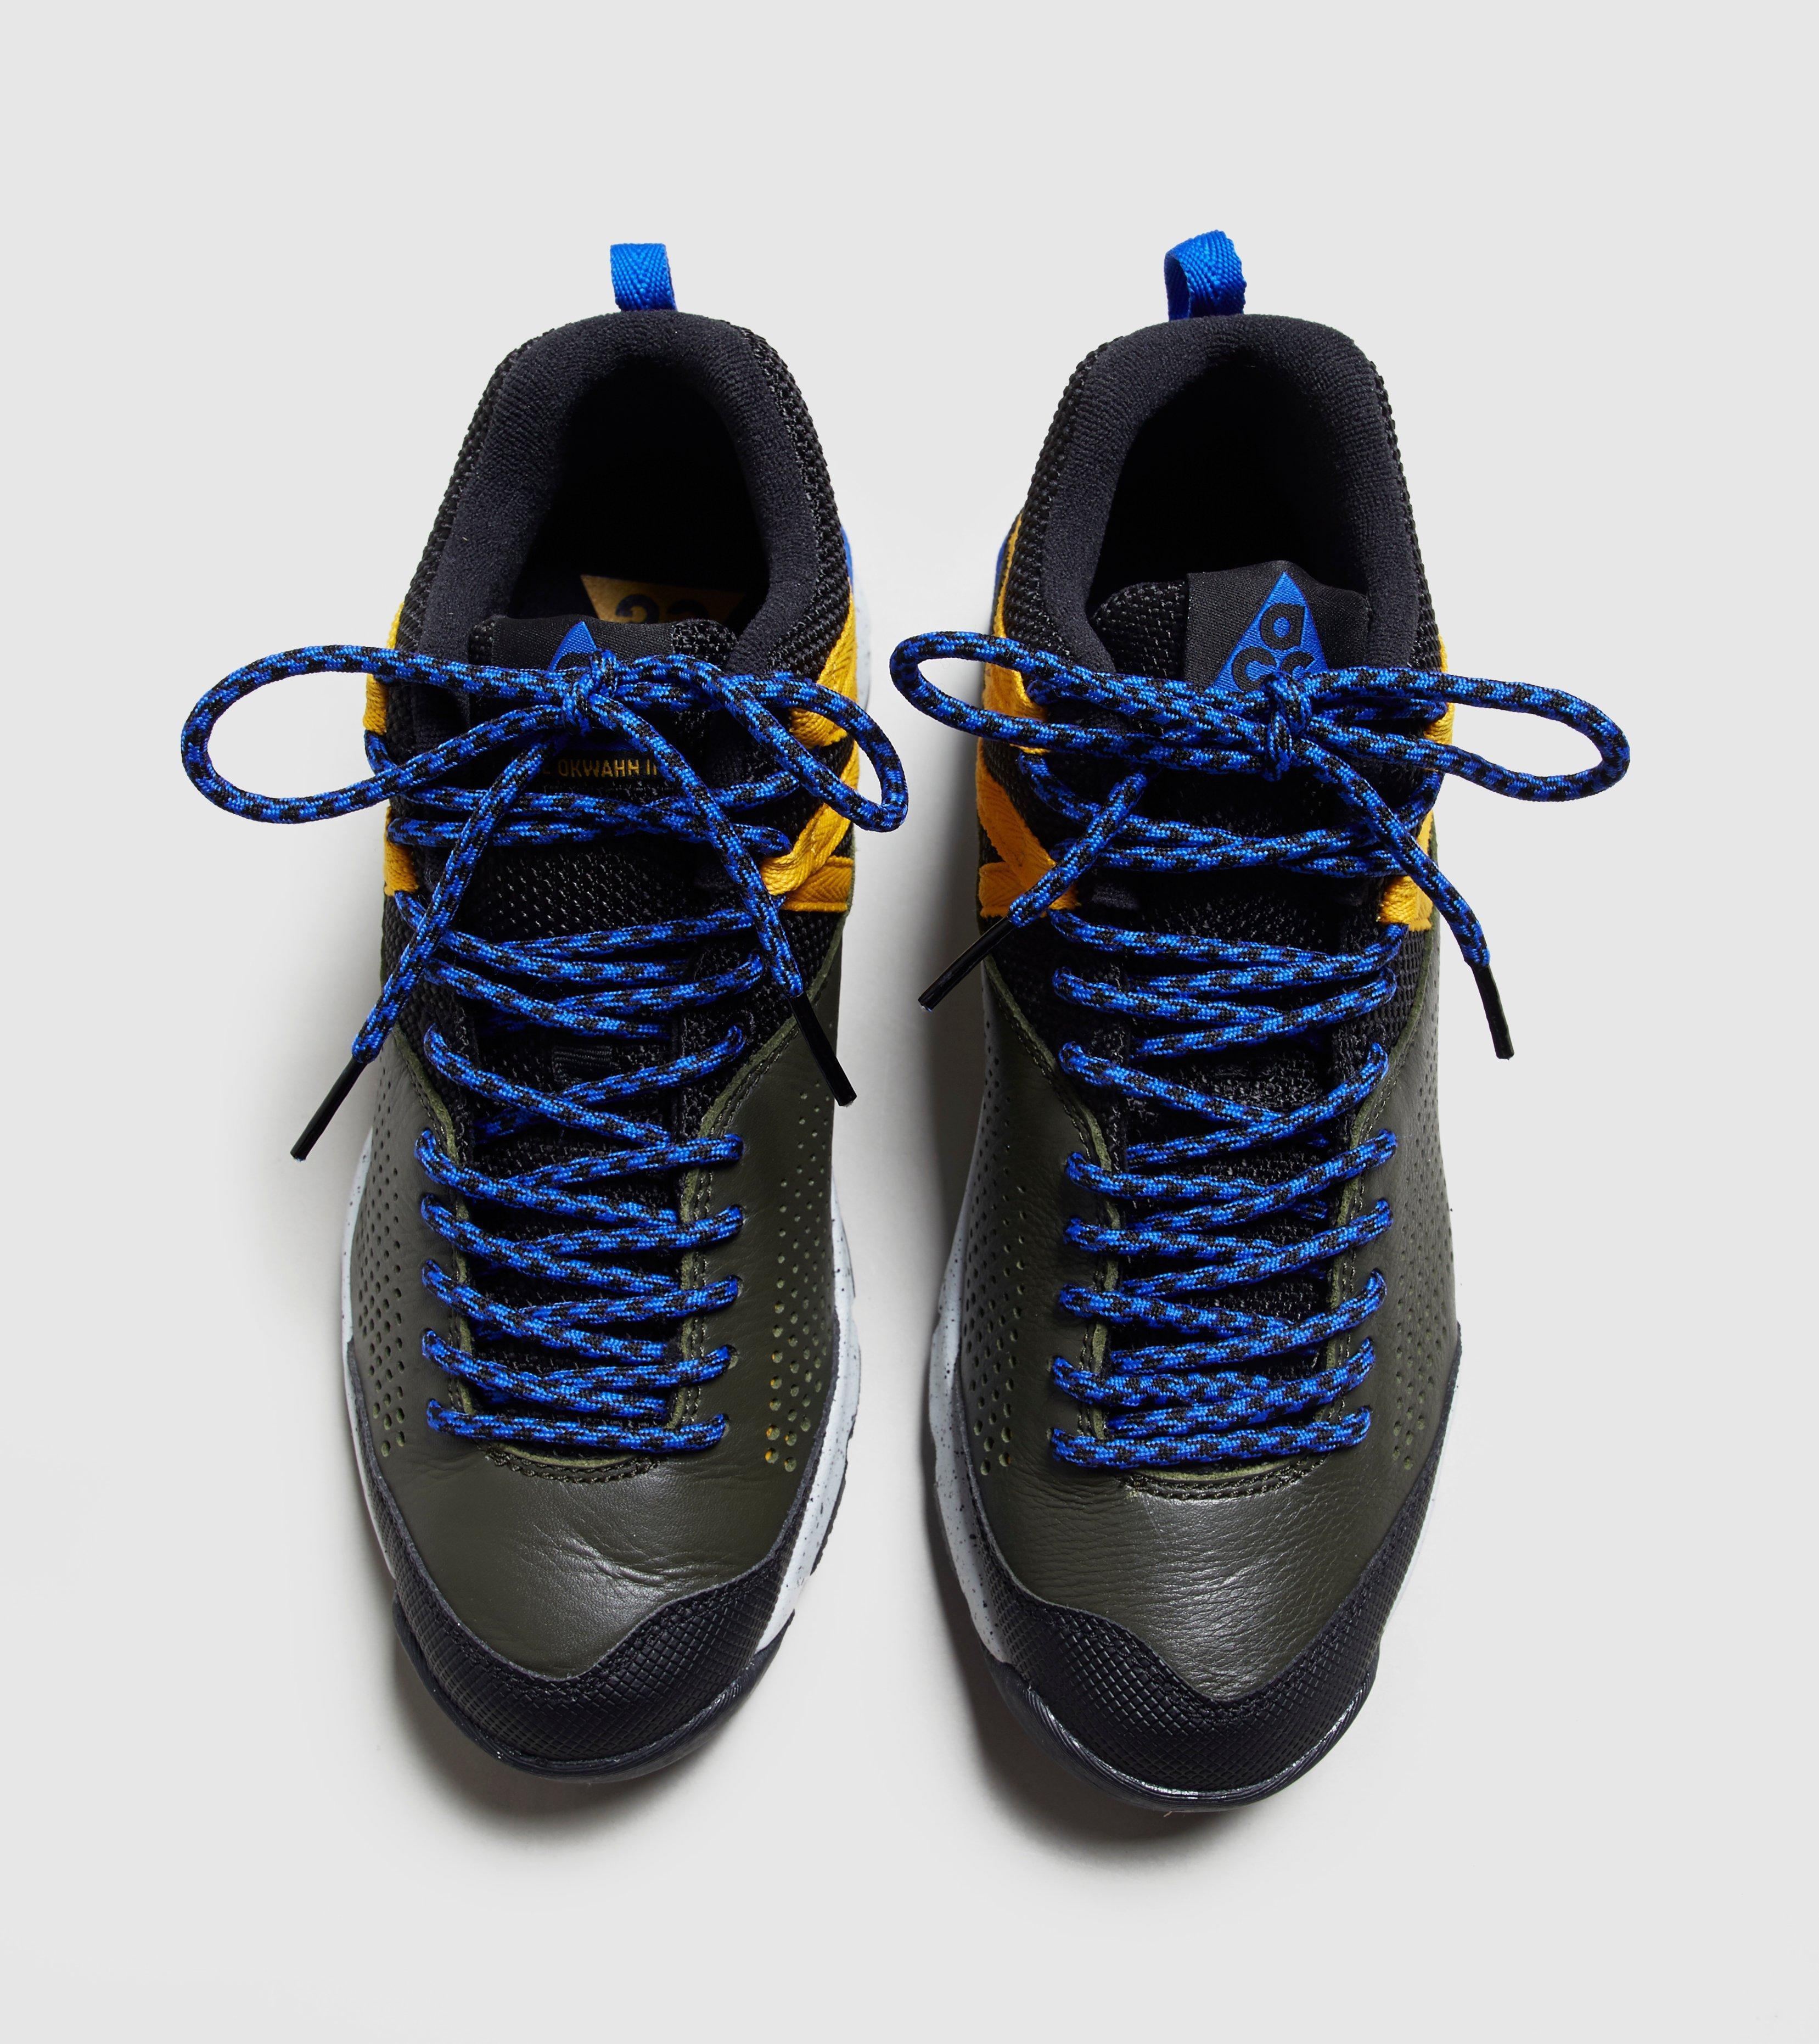 new arrival 89b81 00709 Nike Acg Okwahn Ii Og Qs Women s in Blue - Lyst